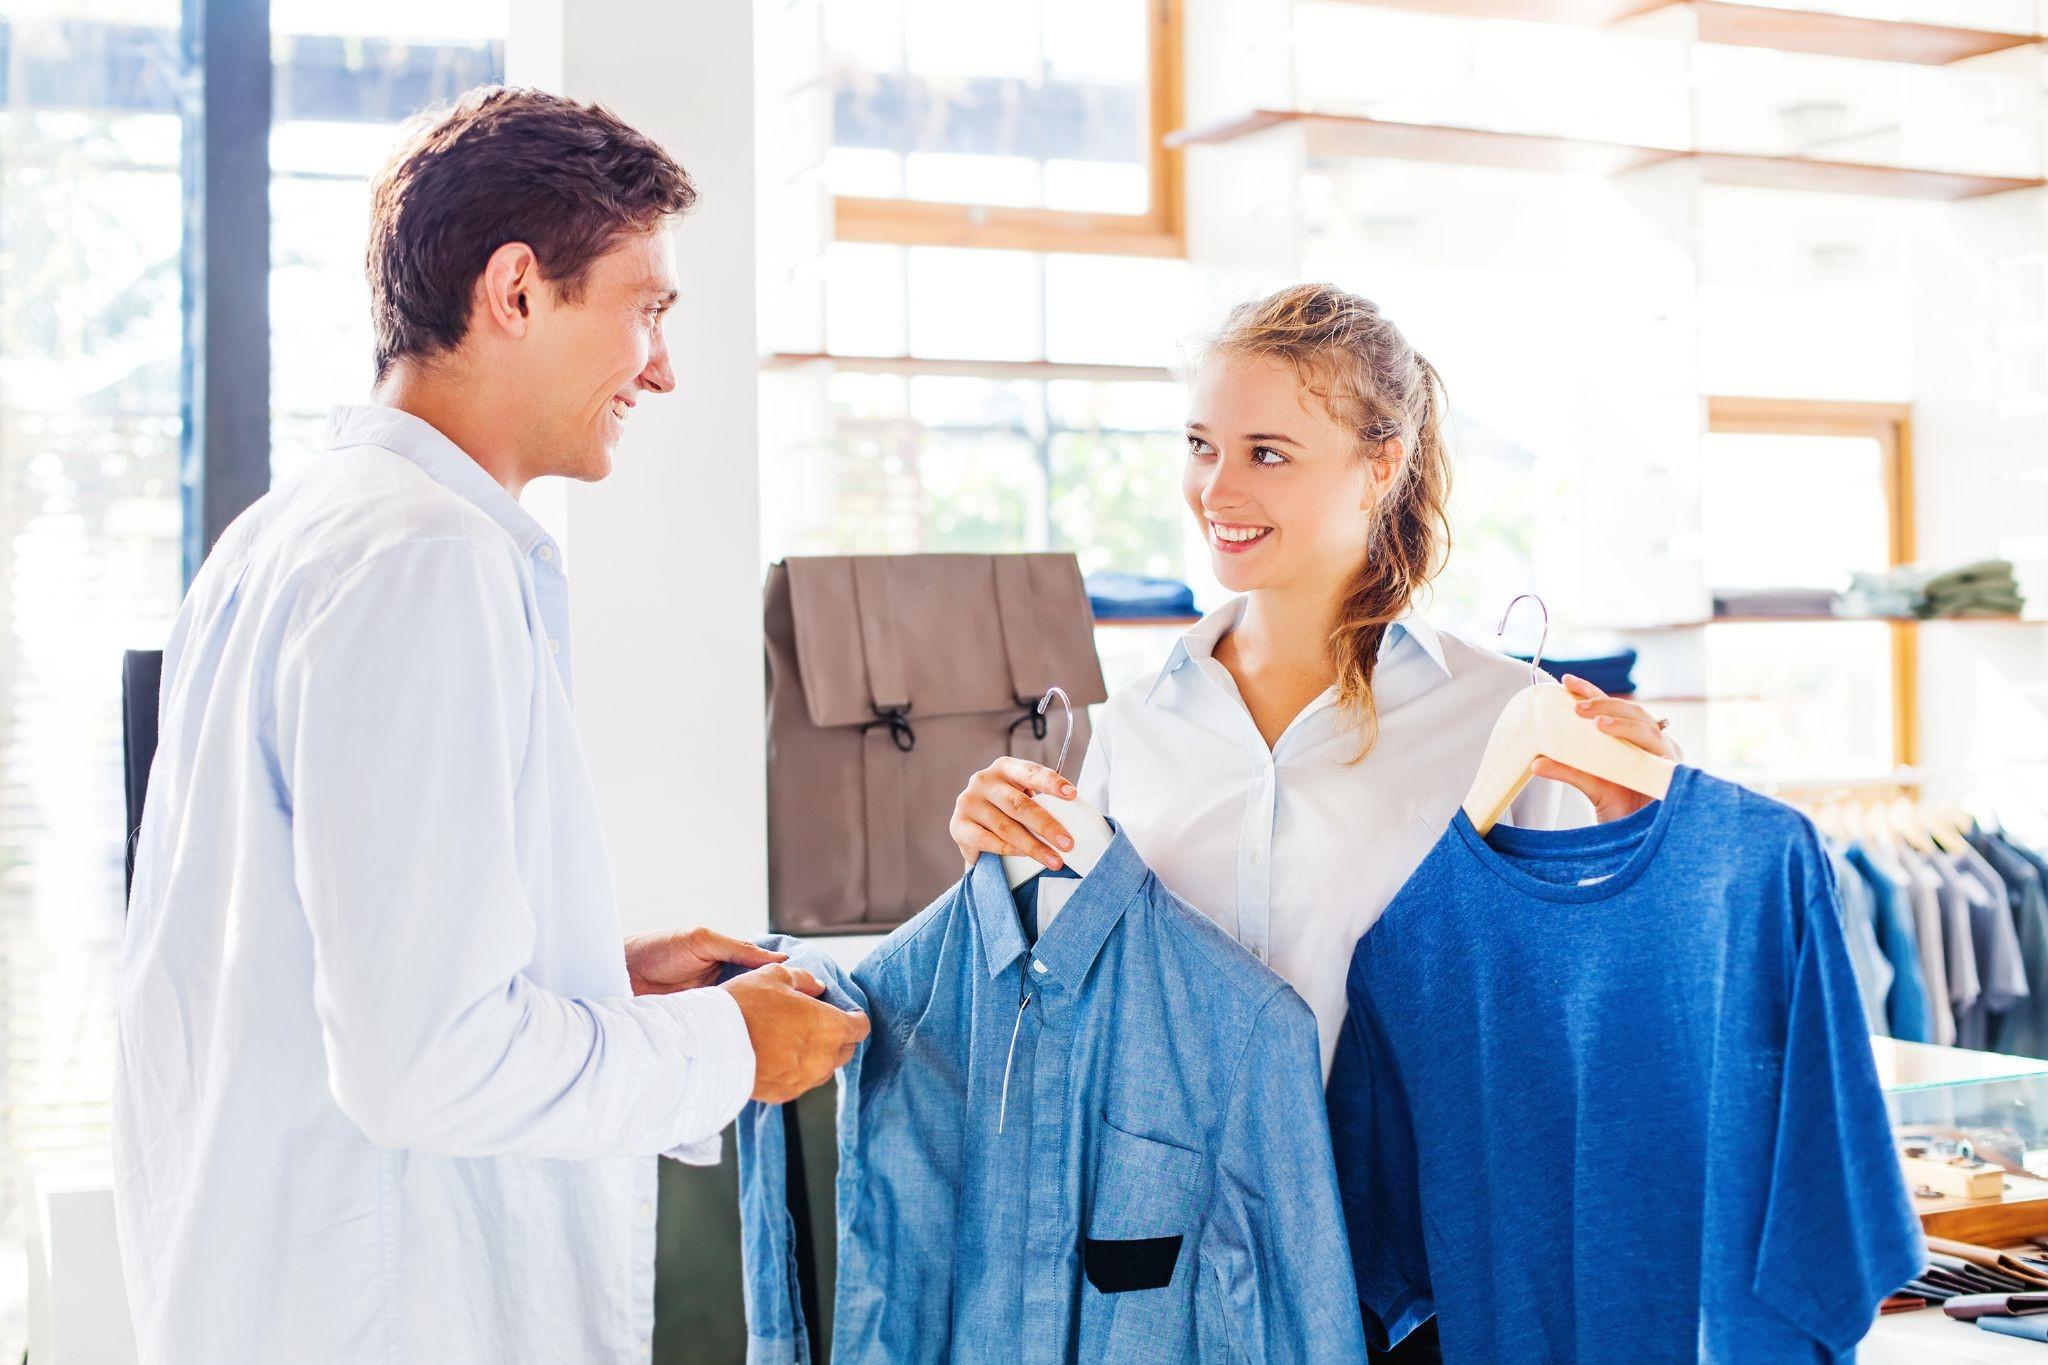 アパレル店員に学歴は関係ある?キャリアアップに影響は?